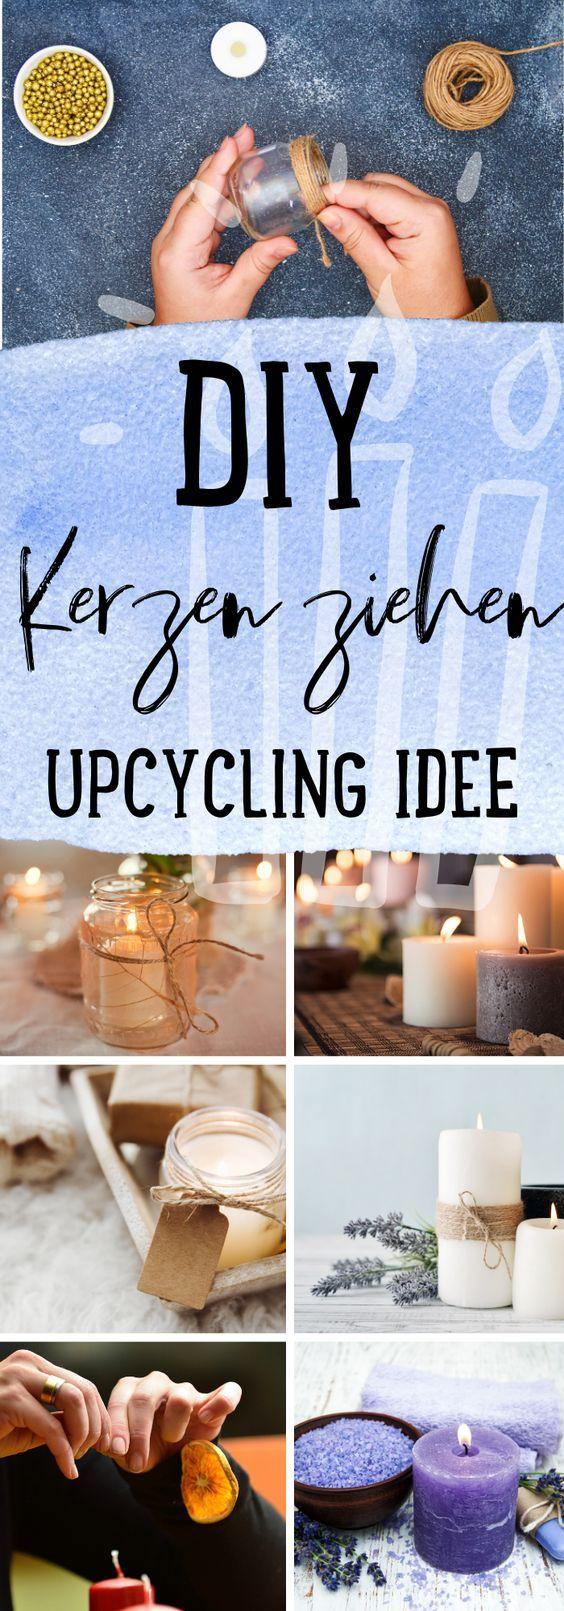 DIY Kerzen ziehen – Upcycling Idee – Gehscnkeidee DIY